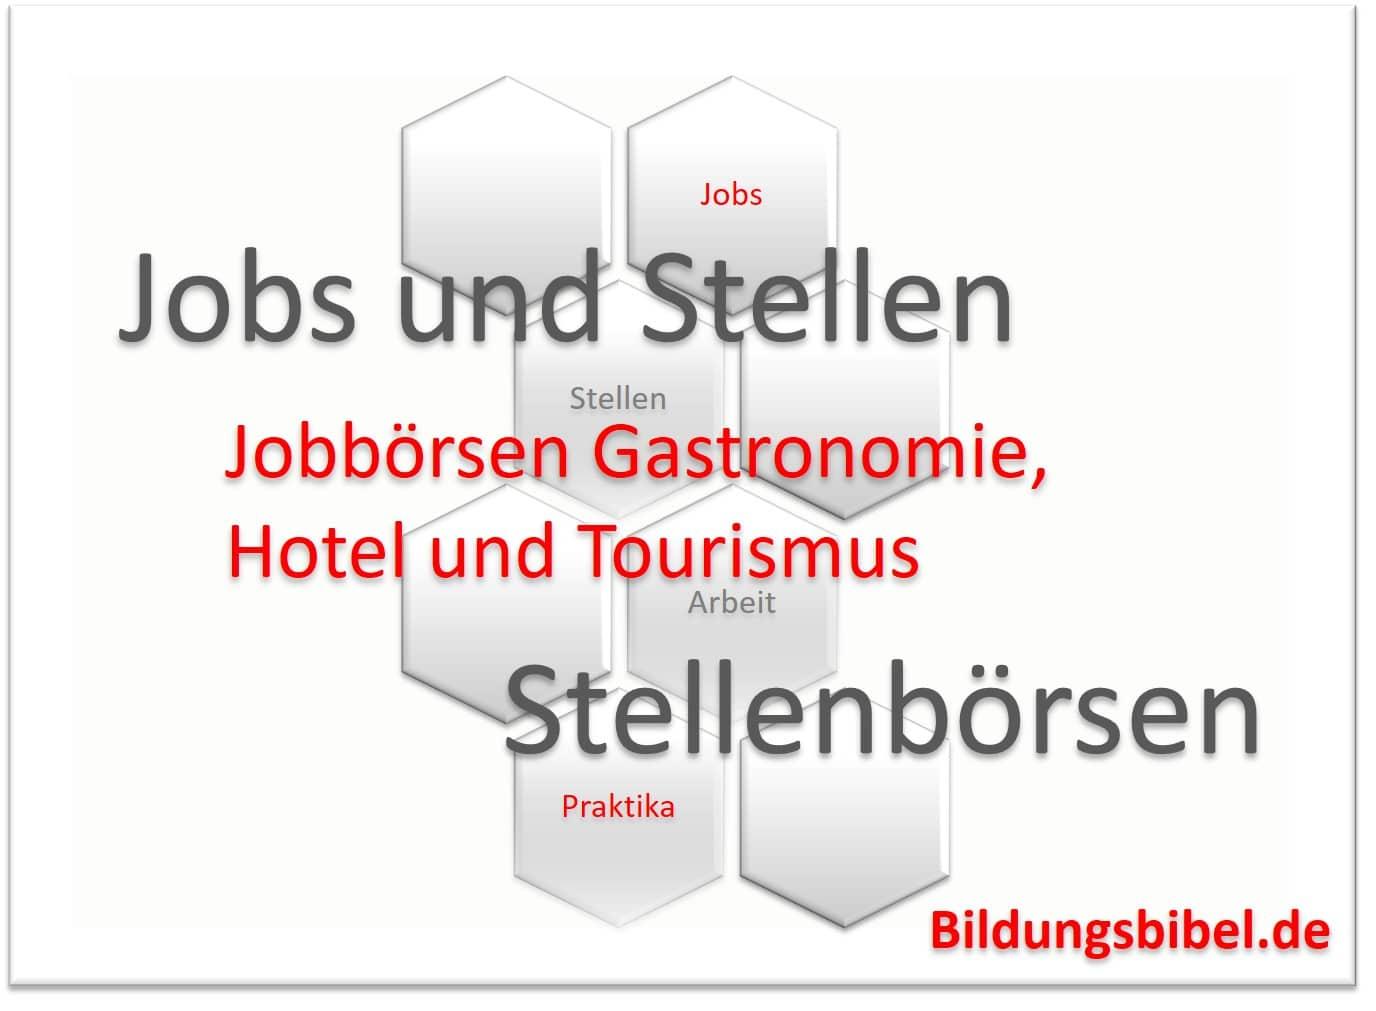 Die Jobbörse für die Gastronomie, Hotellerie und Tourismus zum Job suchen und finden.